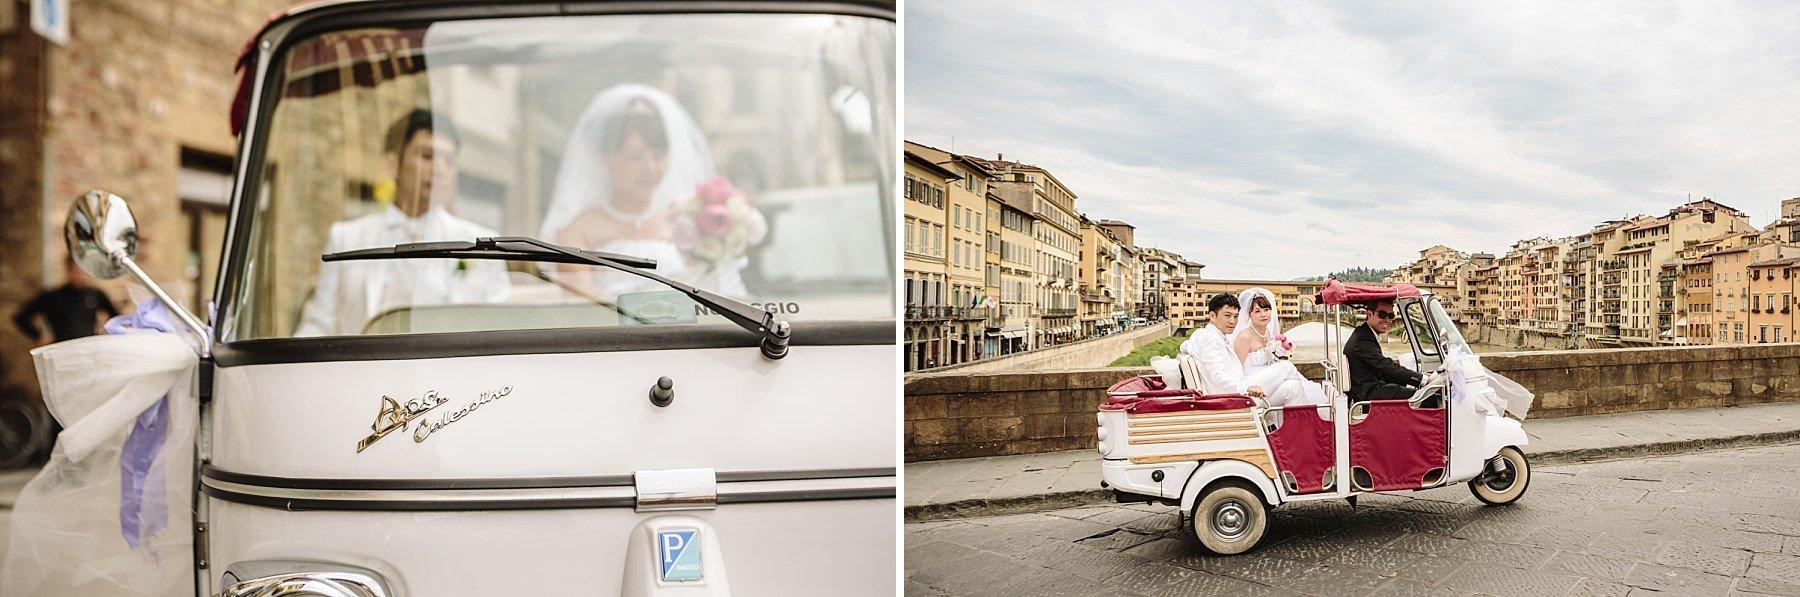 Fotografia di Matrimonio a Firenze con Ape Calessino